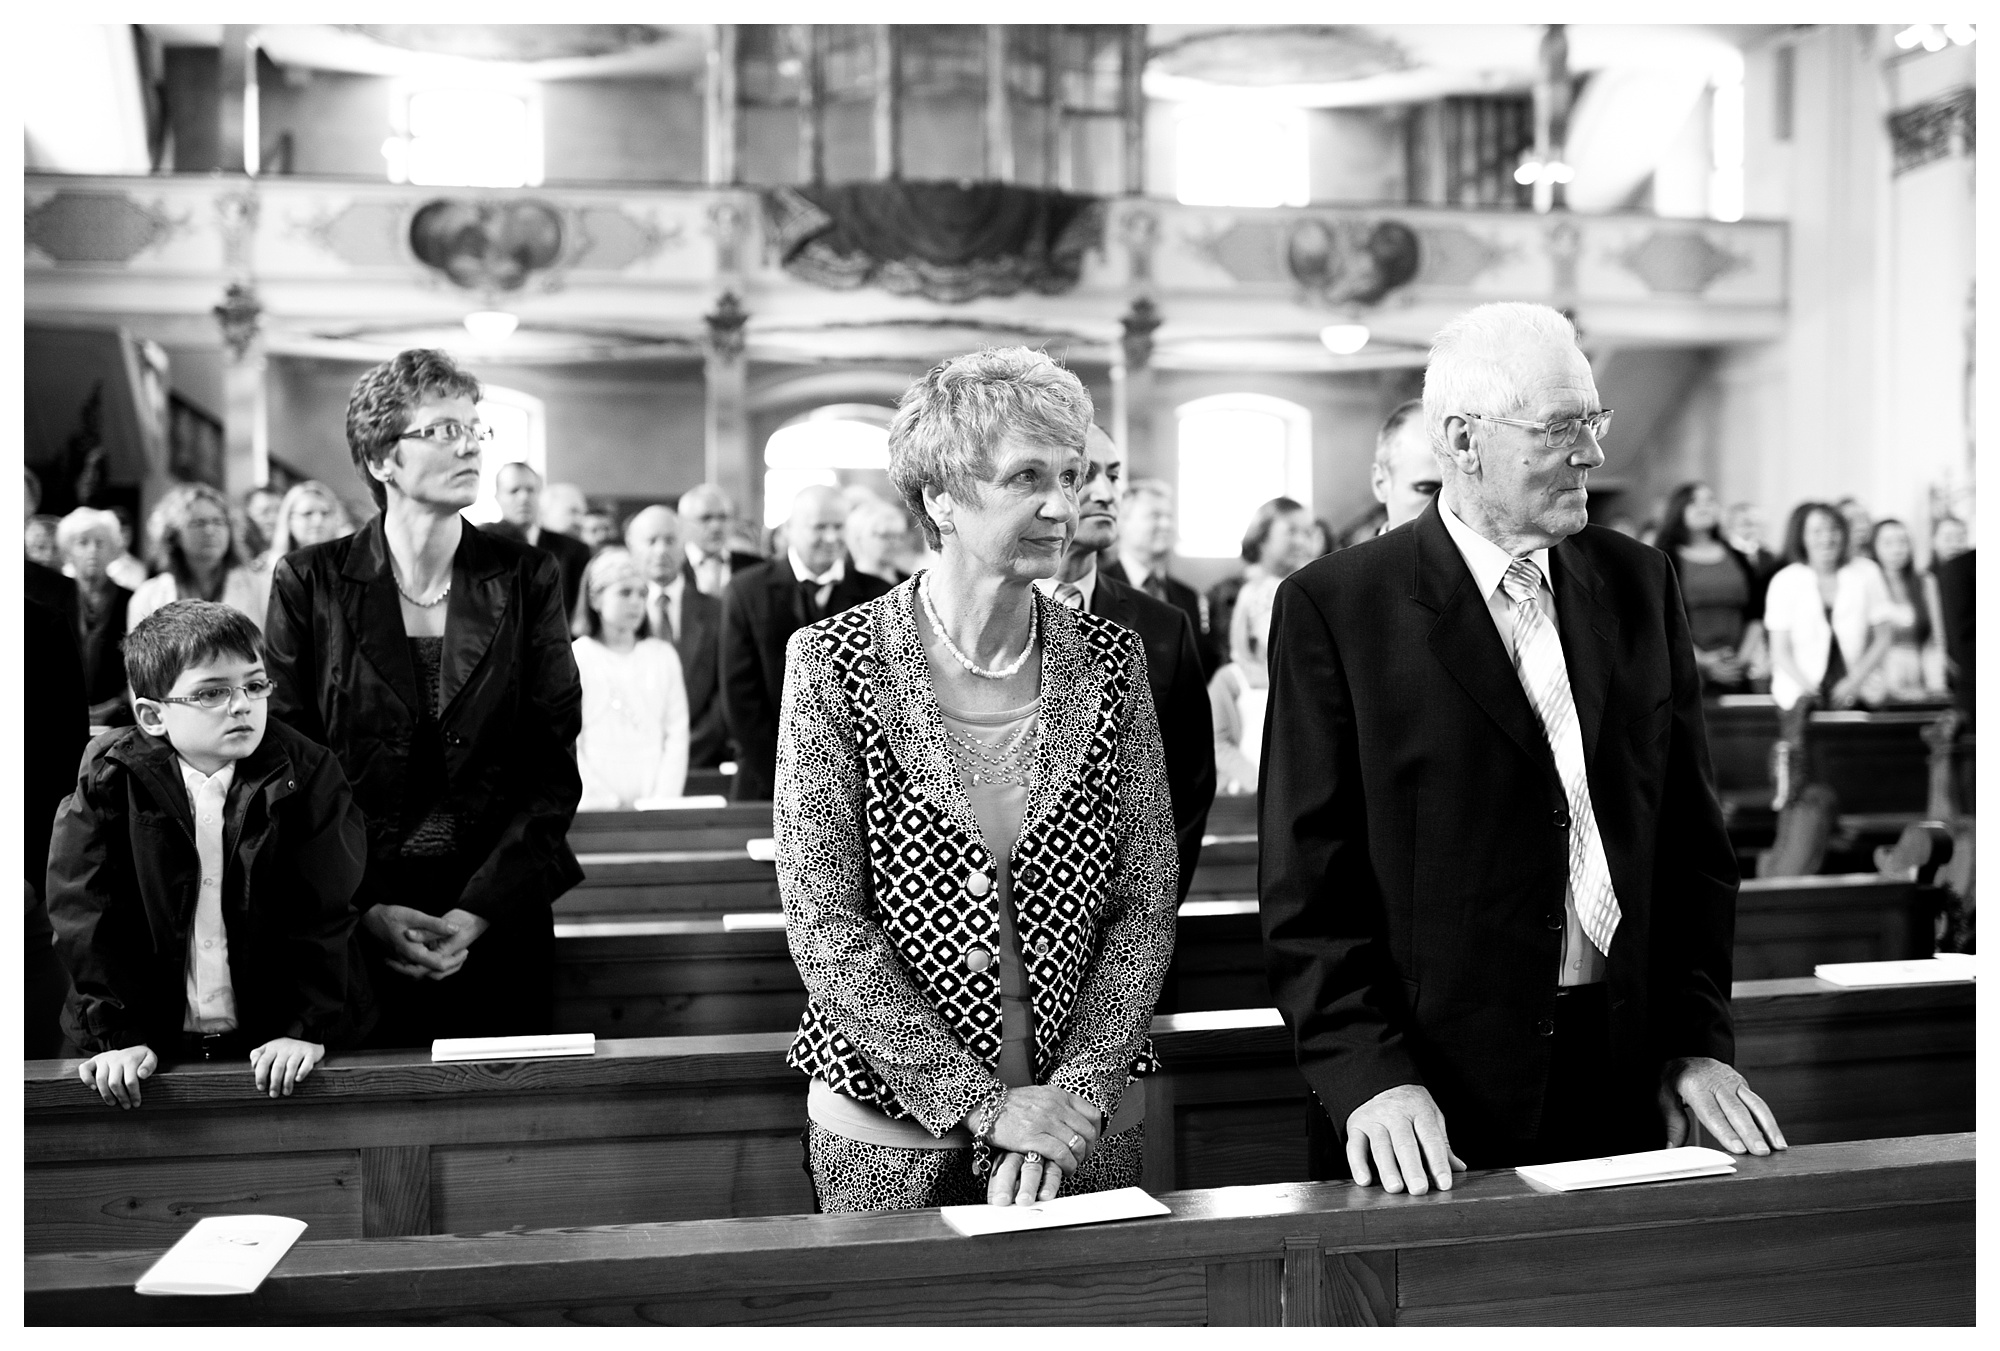 Fotograf Konstanz - Hochzeit Tanja Elmar Elmar Feuerbacher Photography Konstanz Messkirch Highlights 026 - Hochzeitsreportage von Tanja und Elmar im Schloss Meßkirch  - 25 -